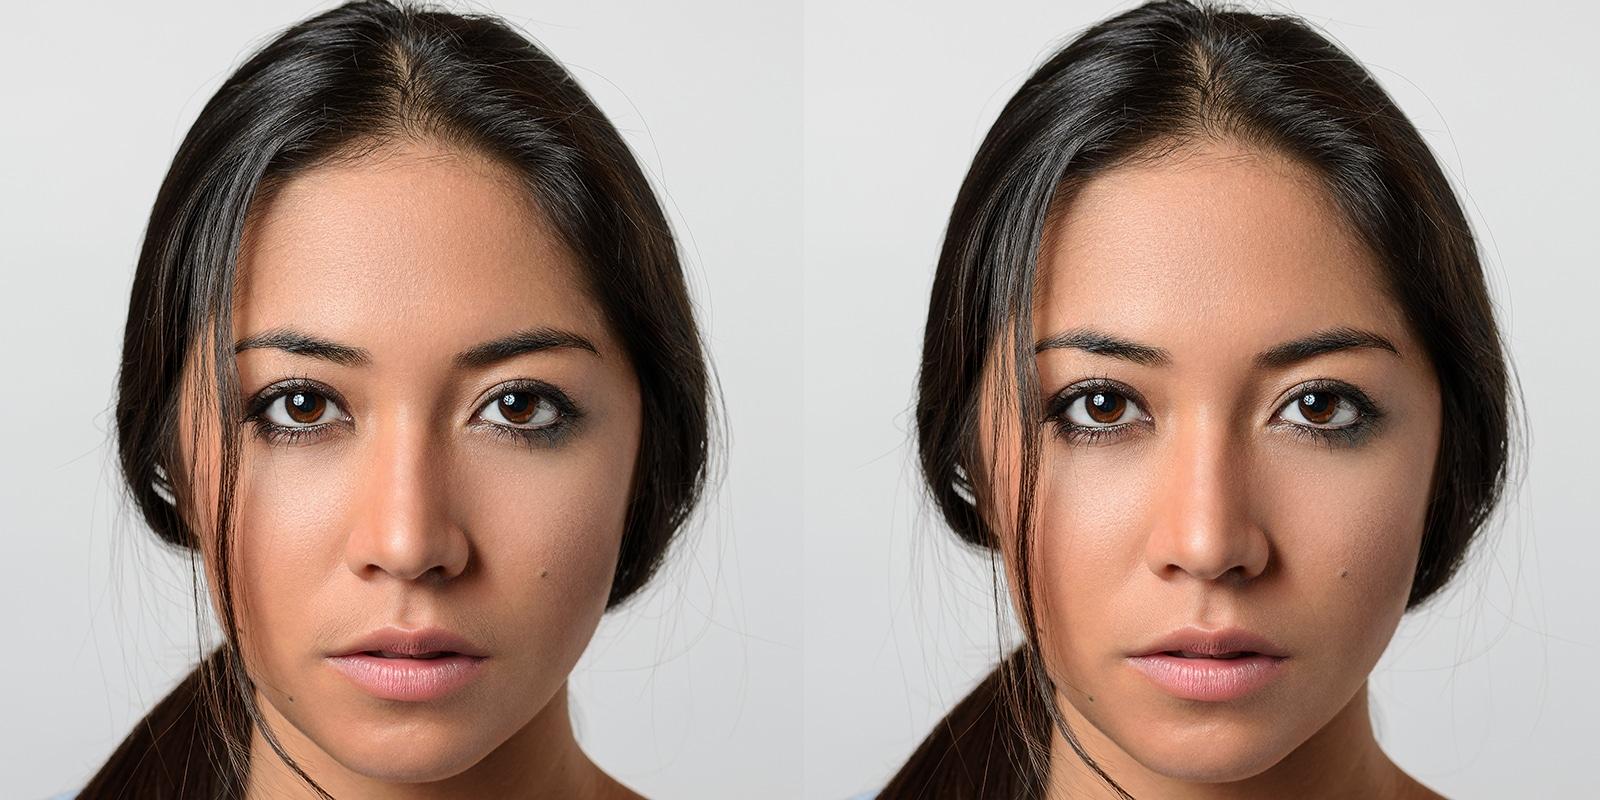 Beispielhaftes Bild Damenbart (Haare auf der Oberlippe) vor und nach der Laserhaarentfernung